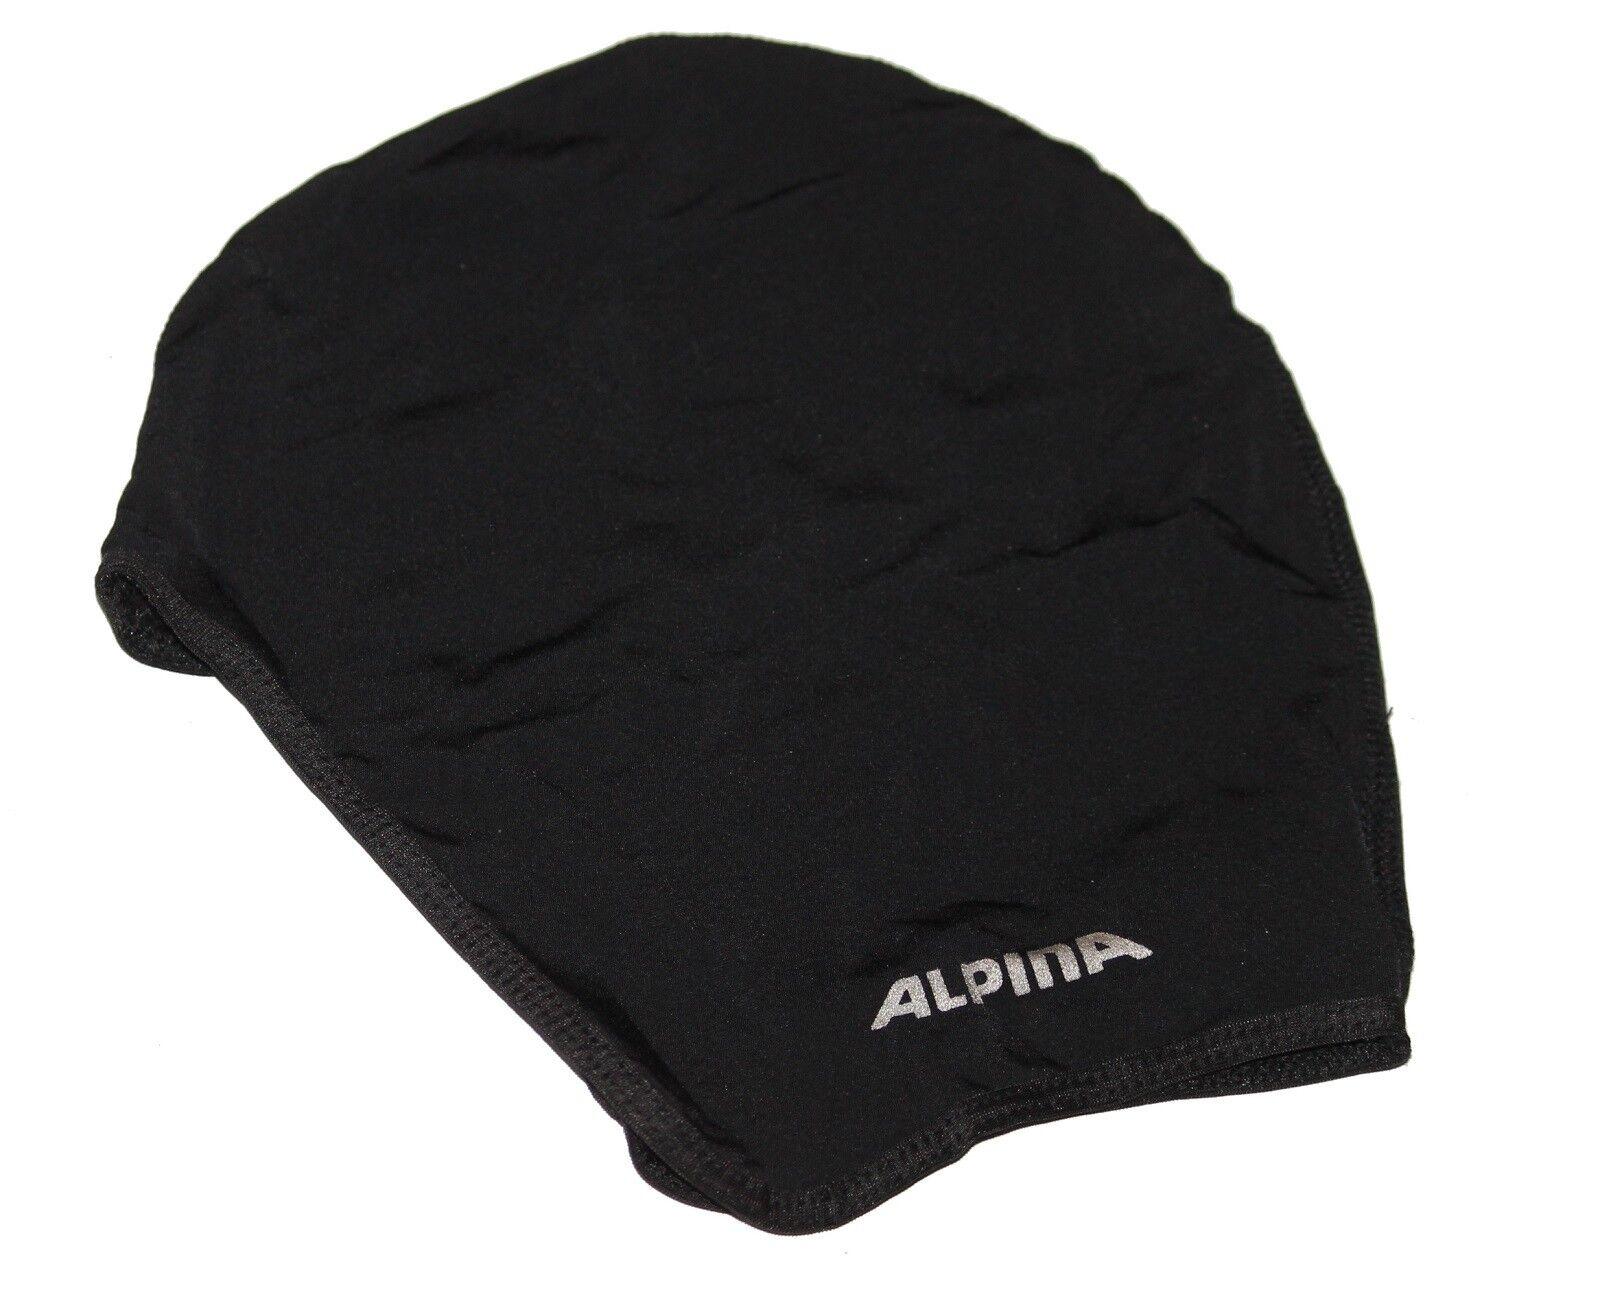 Alpina Under Cover Helmmütze unisize schwarz Fahrrad Mütze